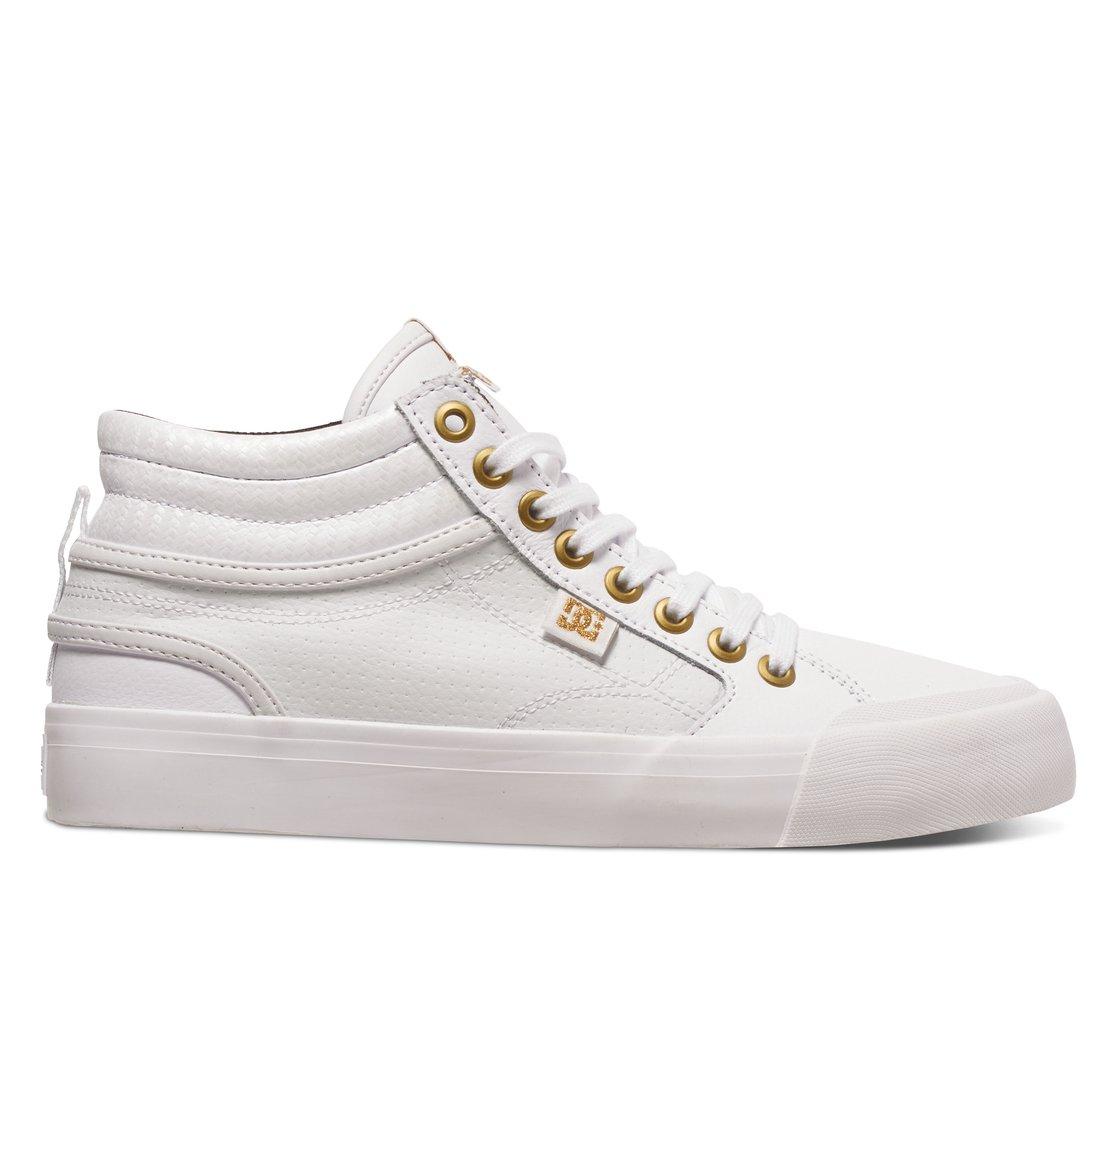 Baskets montantes DC shoes Evan Hi